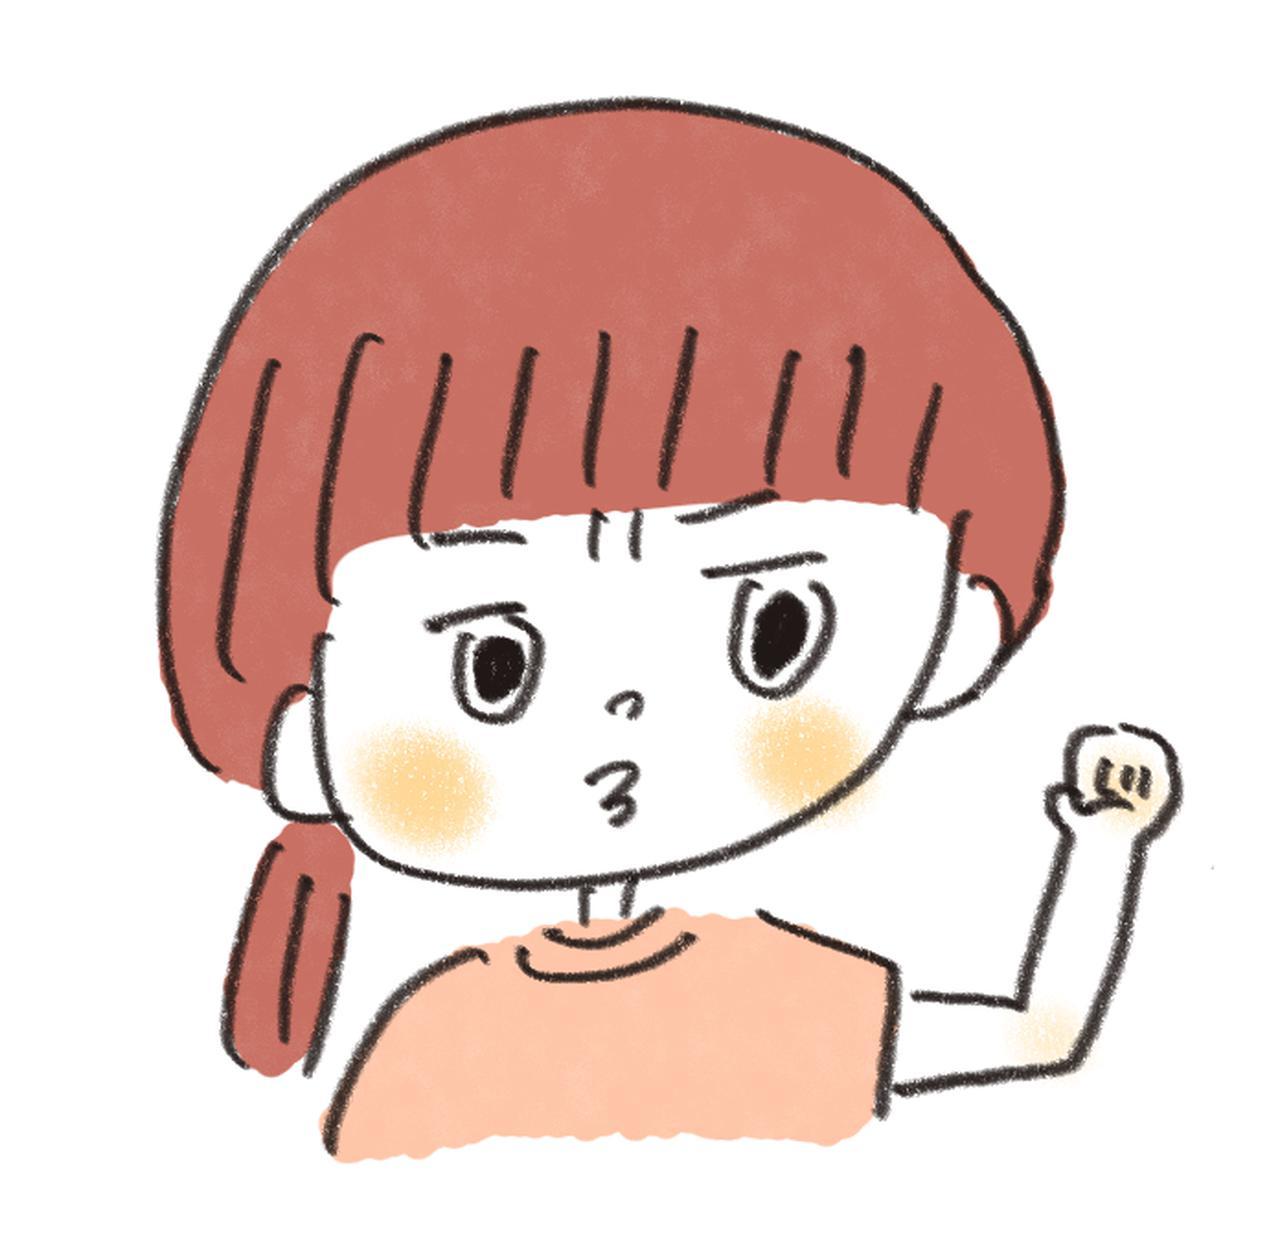 画像1: 【ソロキャンプの楽しみ方(女性編)】『こいしゆうかさん』にインタビュー! 女子ソロキャンの魅力や正しいキャンプ場の選び方